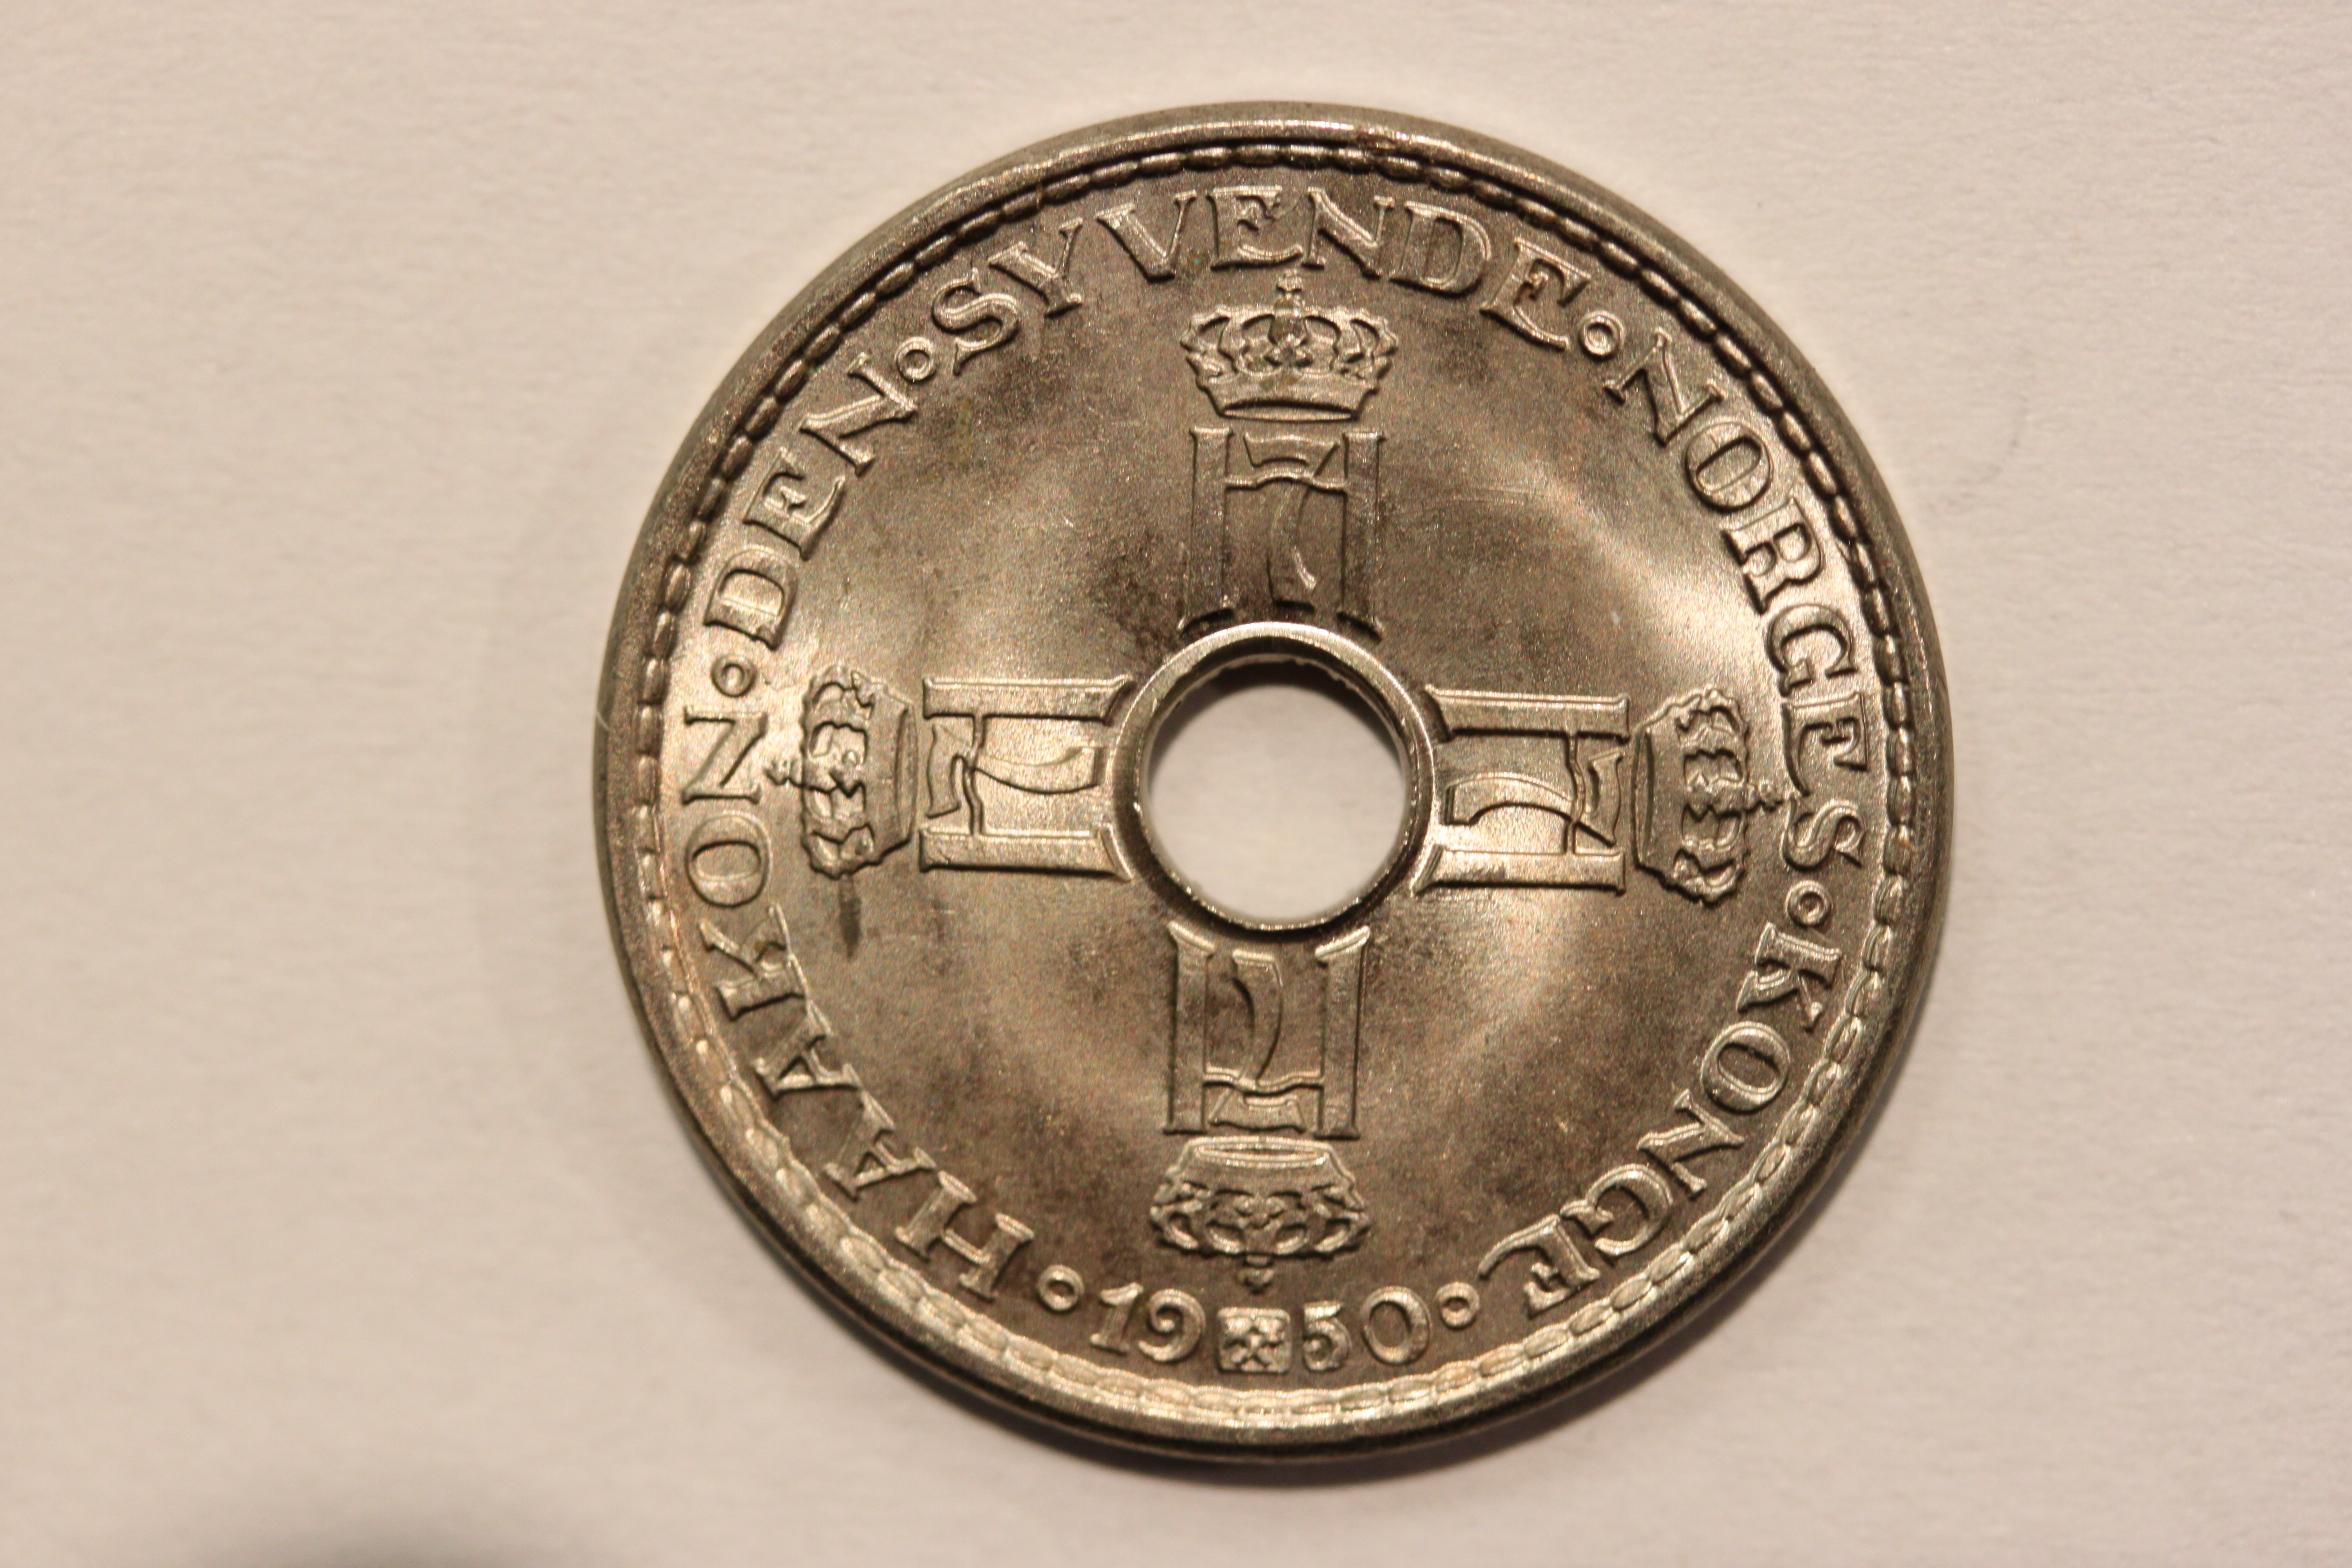 1 kroner